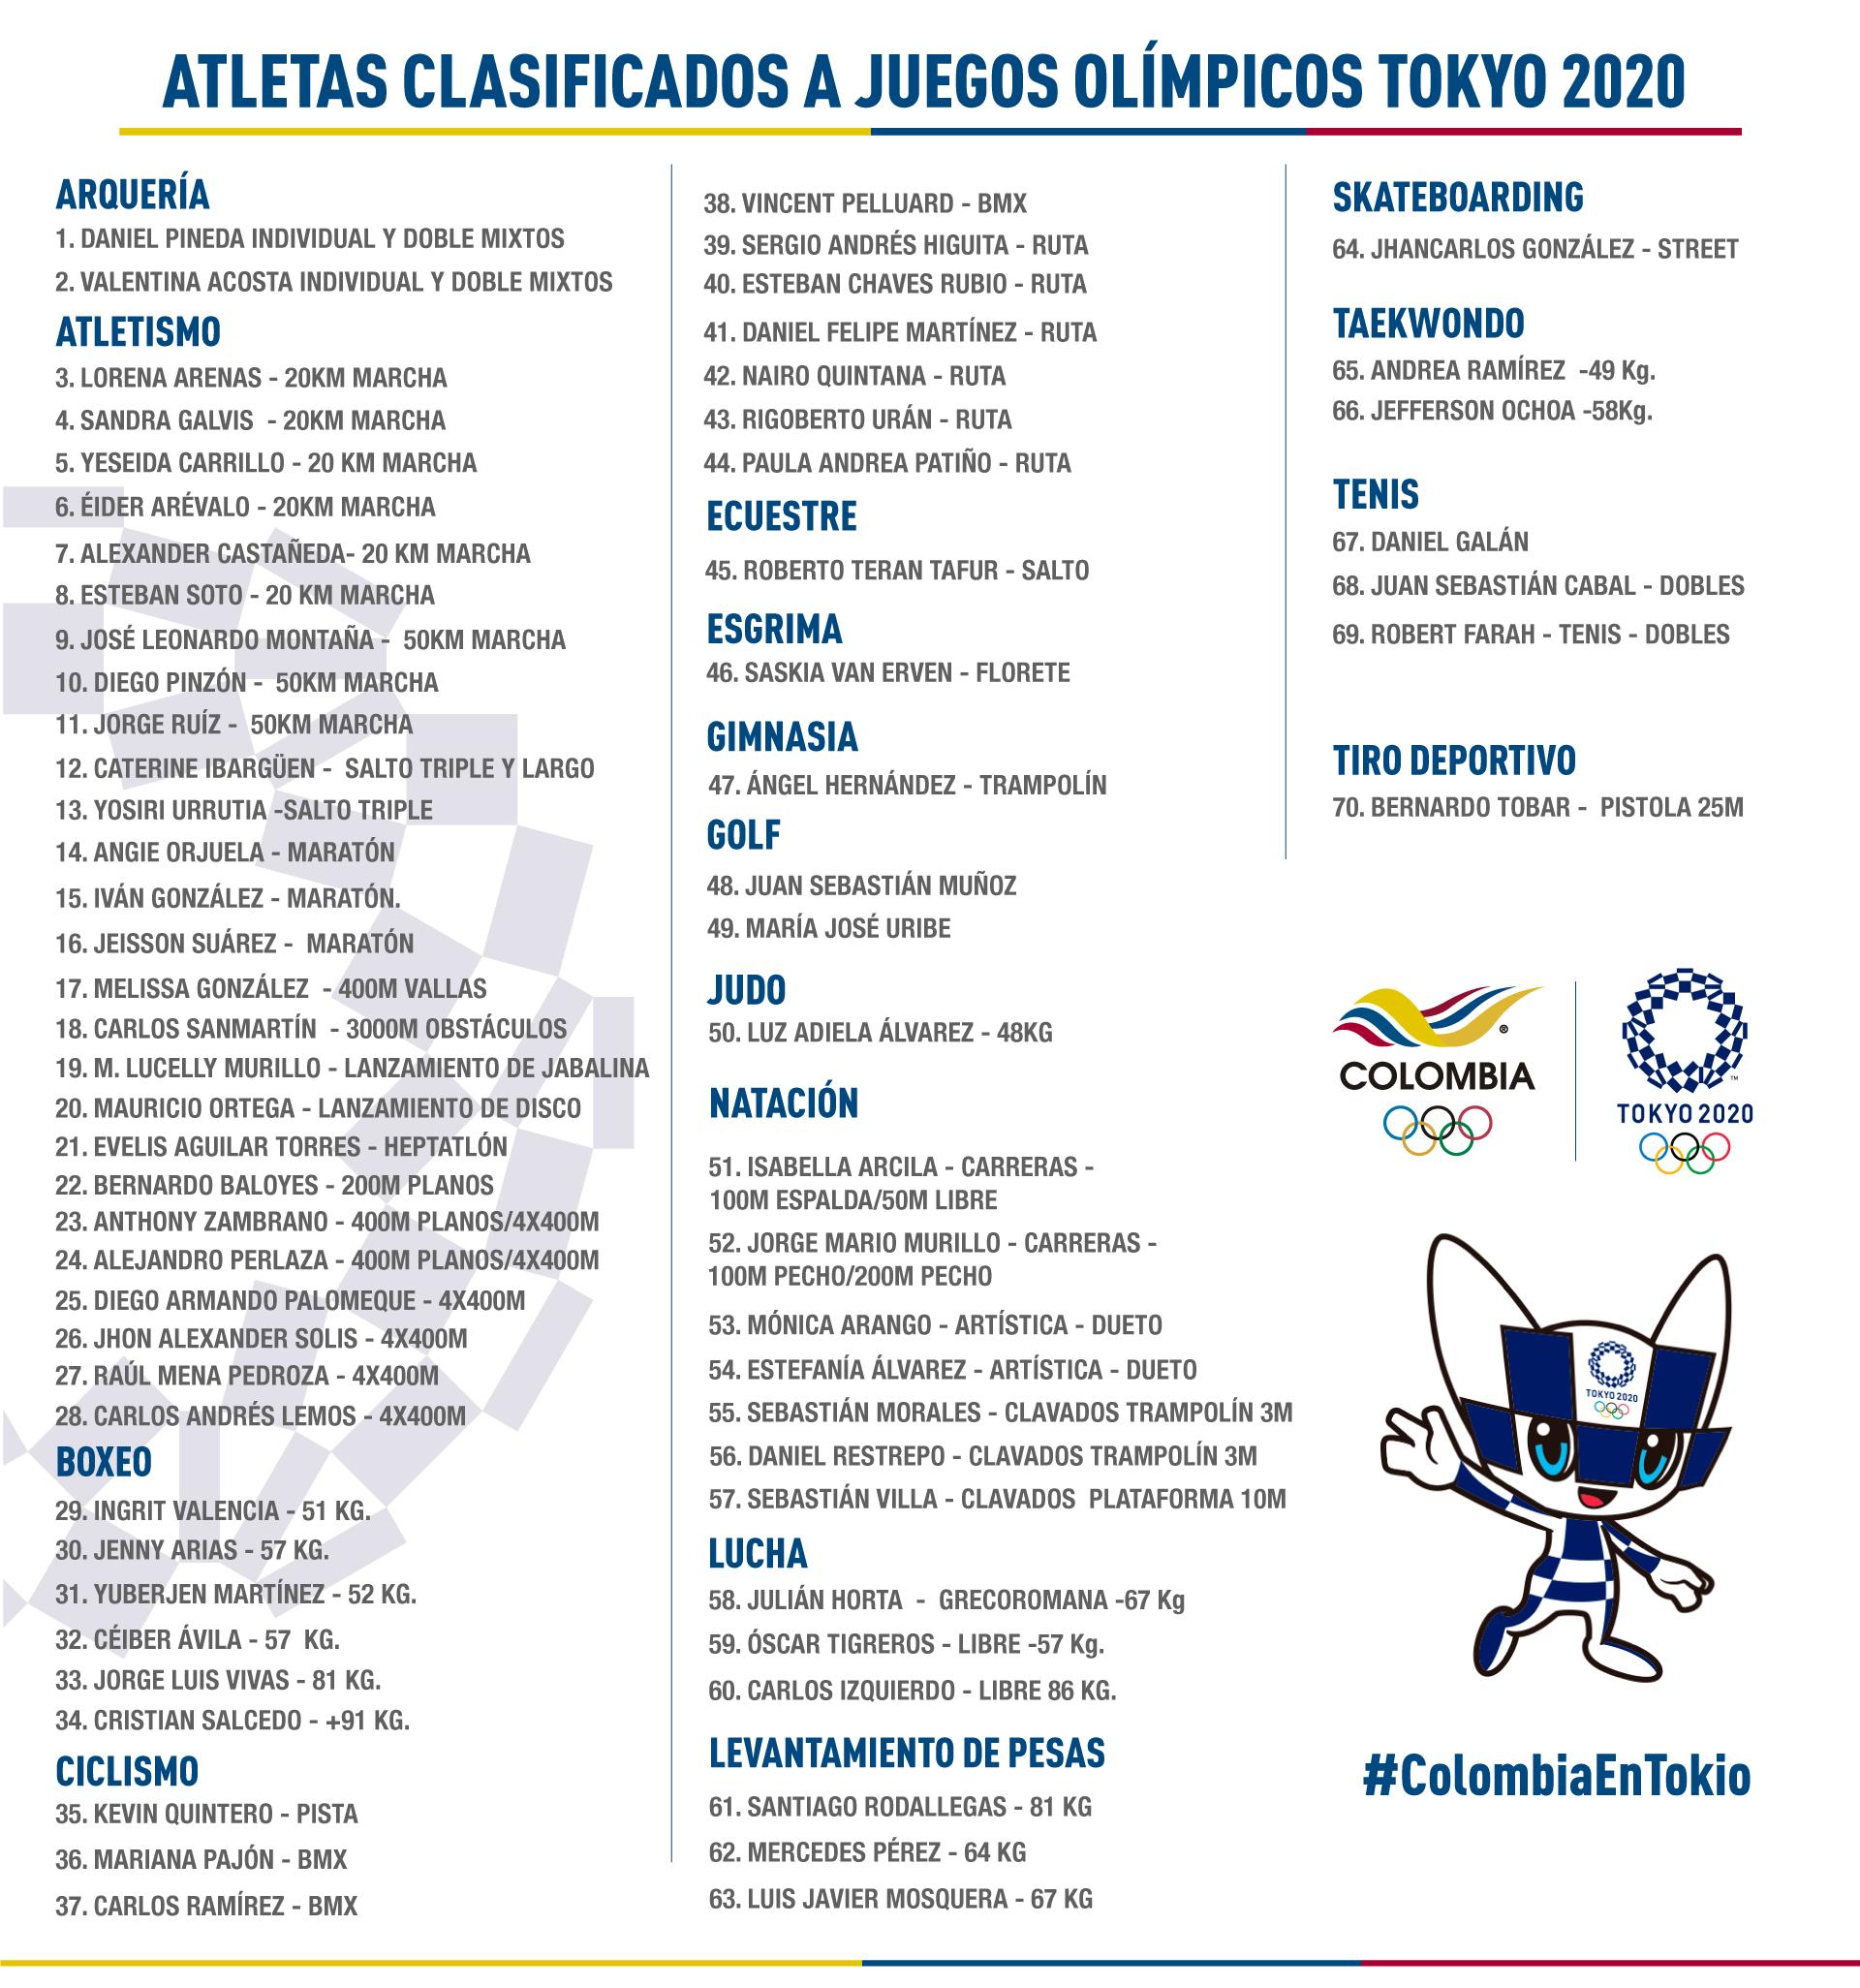 Colombia participara en los Juegos Olimpicos con 70 deportistas